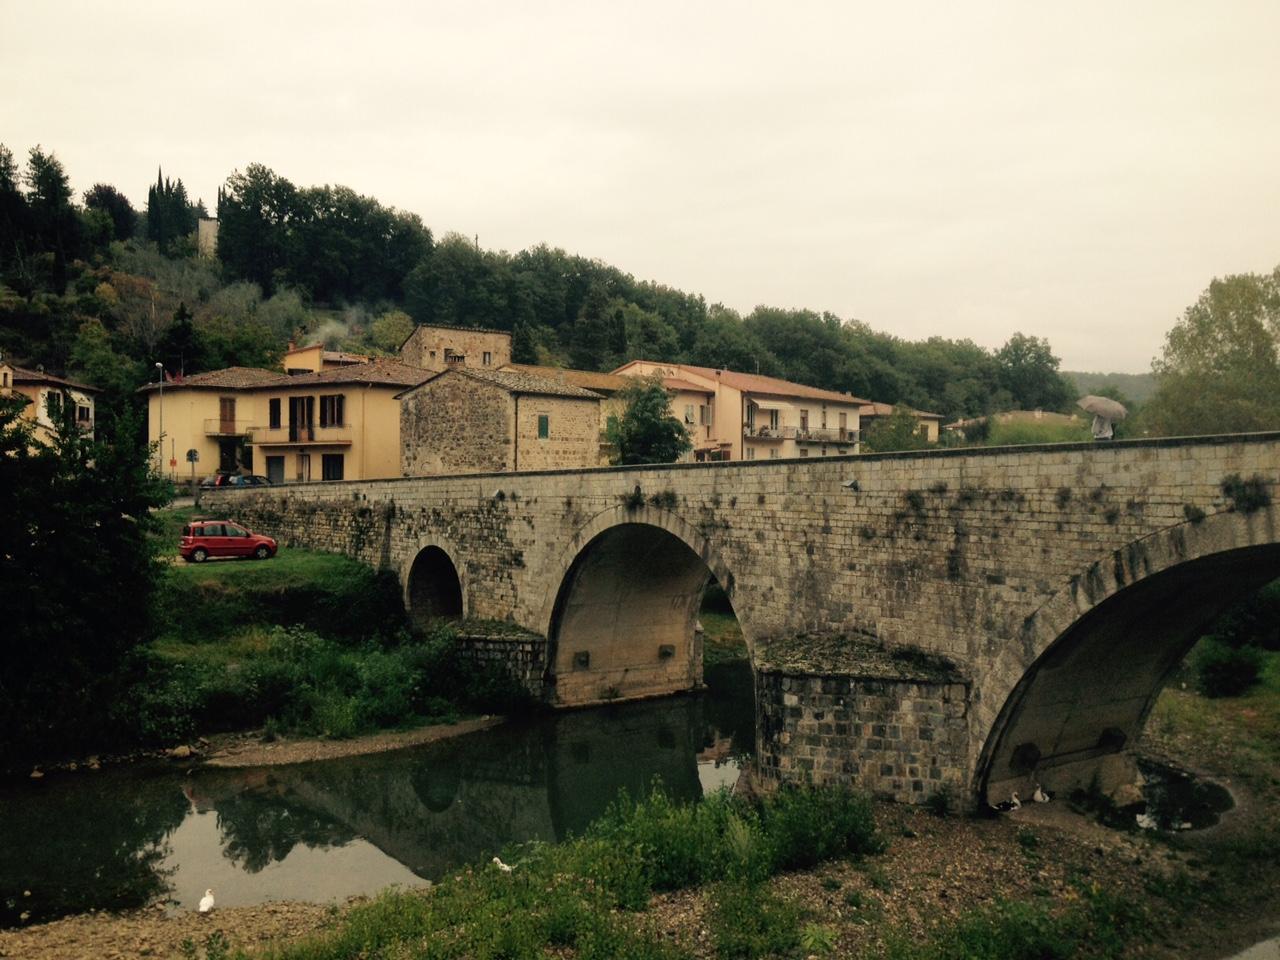 Vista de Ponte di Ramagliano, puente medieval romano que pasa sobre el río Pesa en el pueblo de Sambuca. Foto: Bruny Nieves